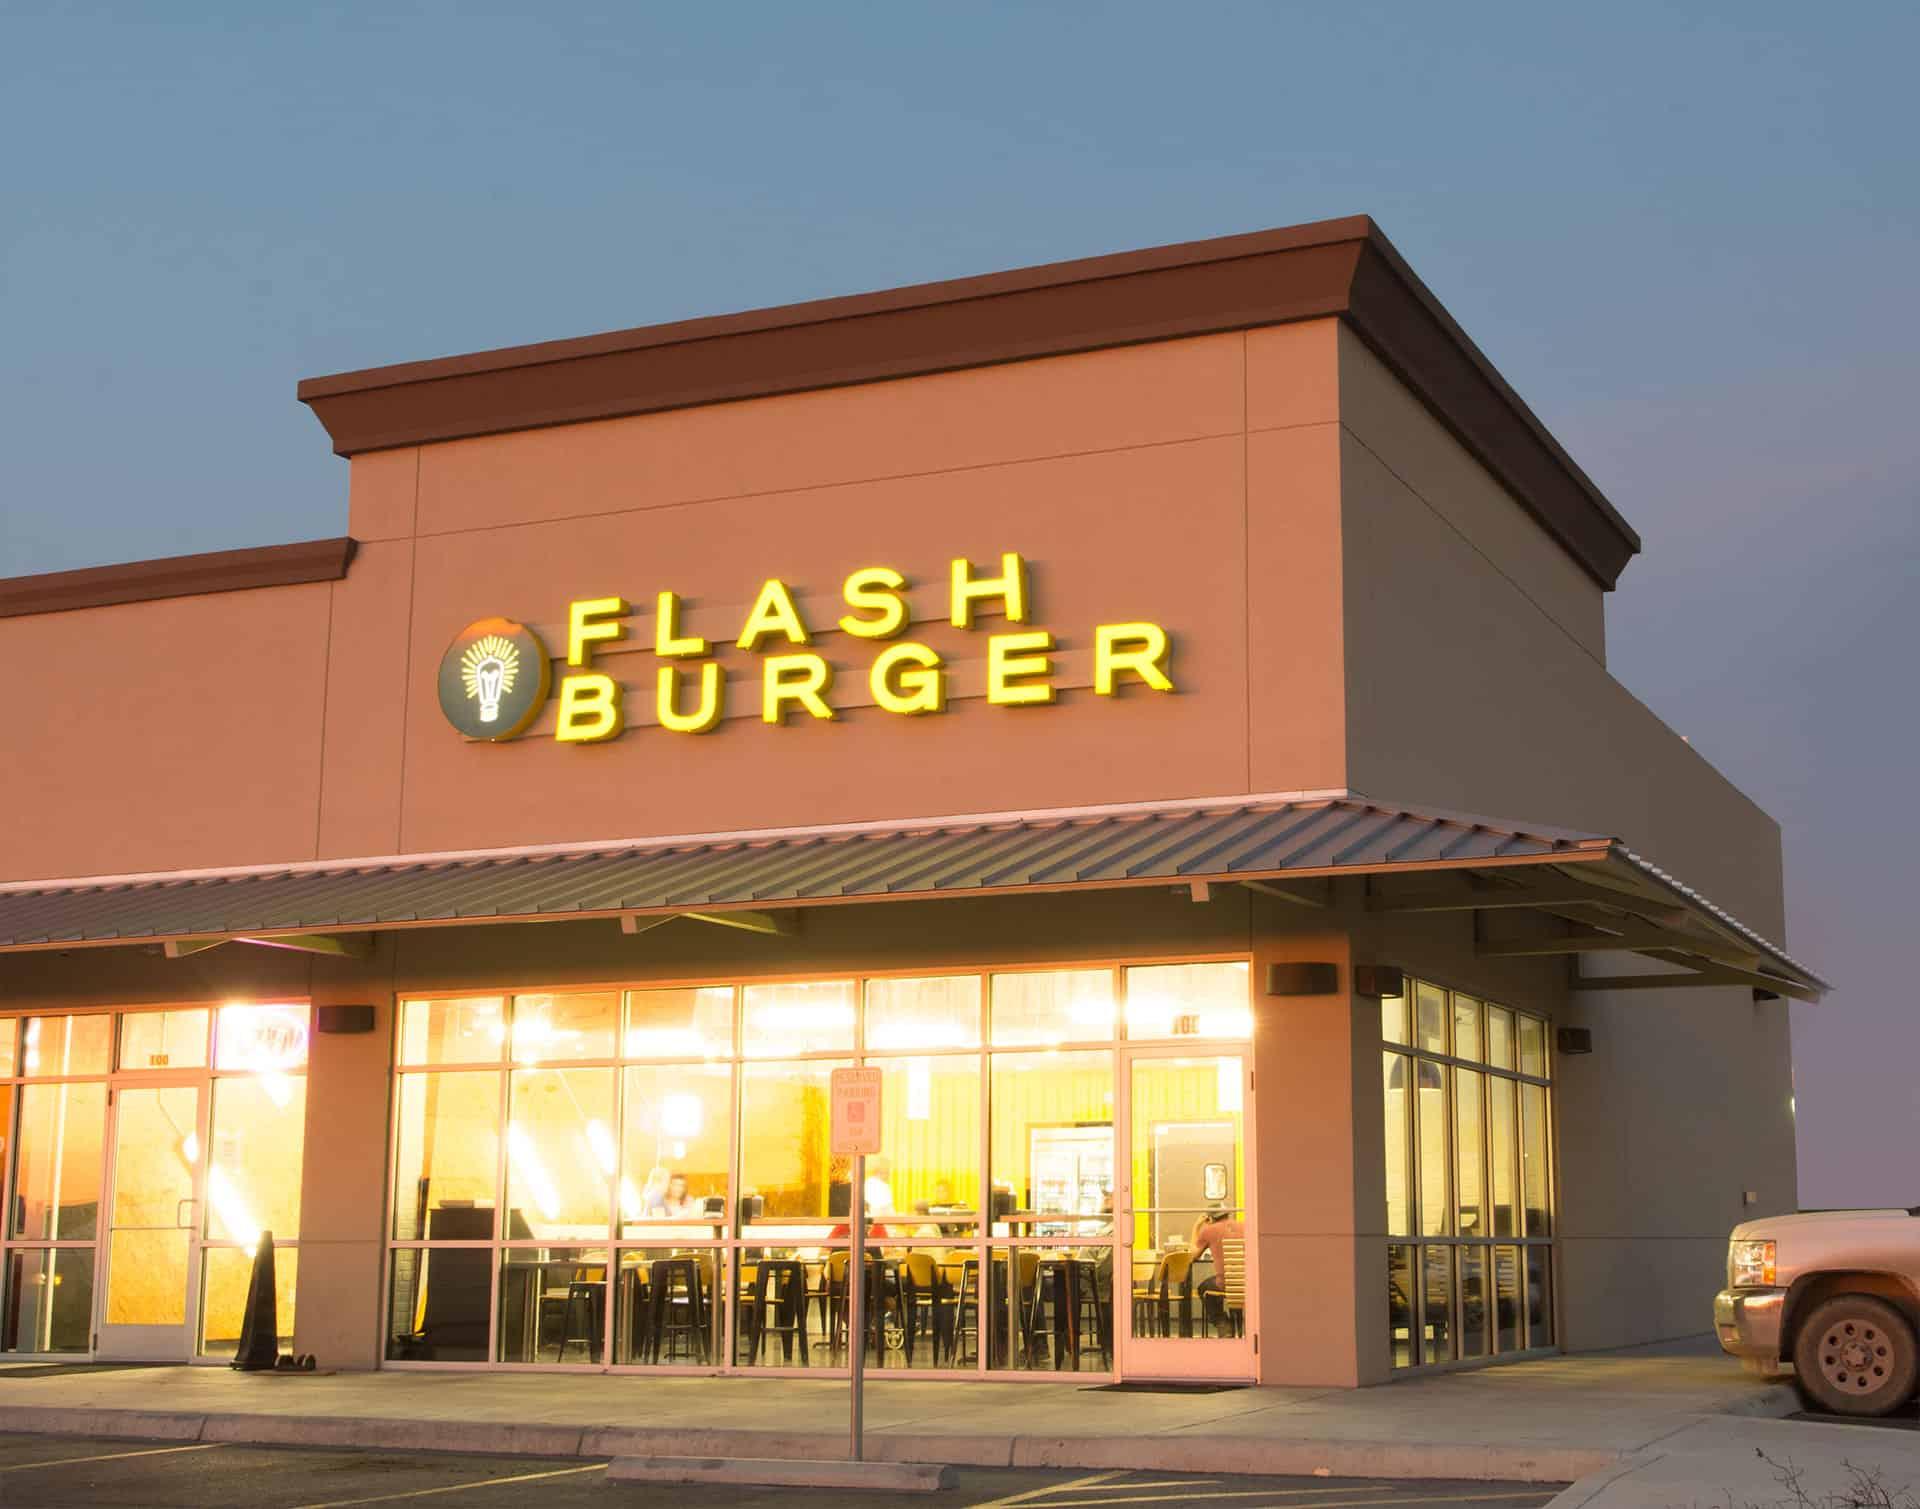 Flash Burger better burger fast casual restaurant branding and concept development facade design